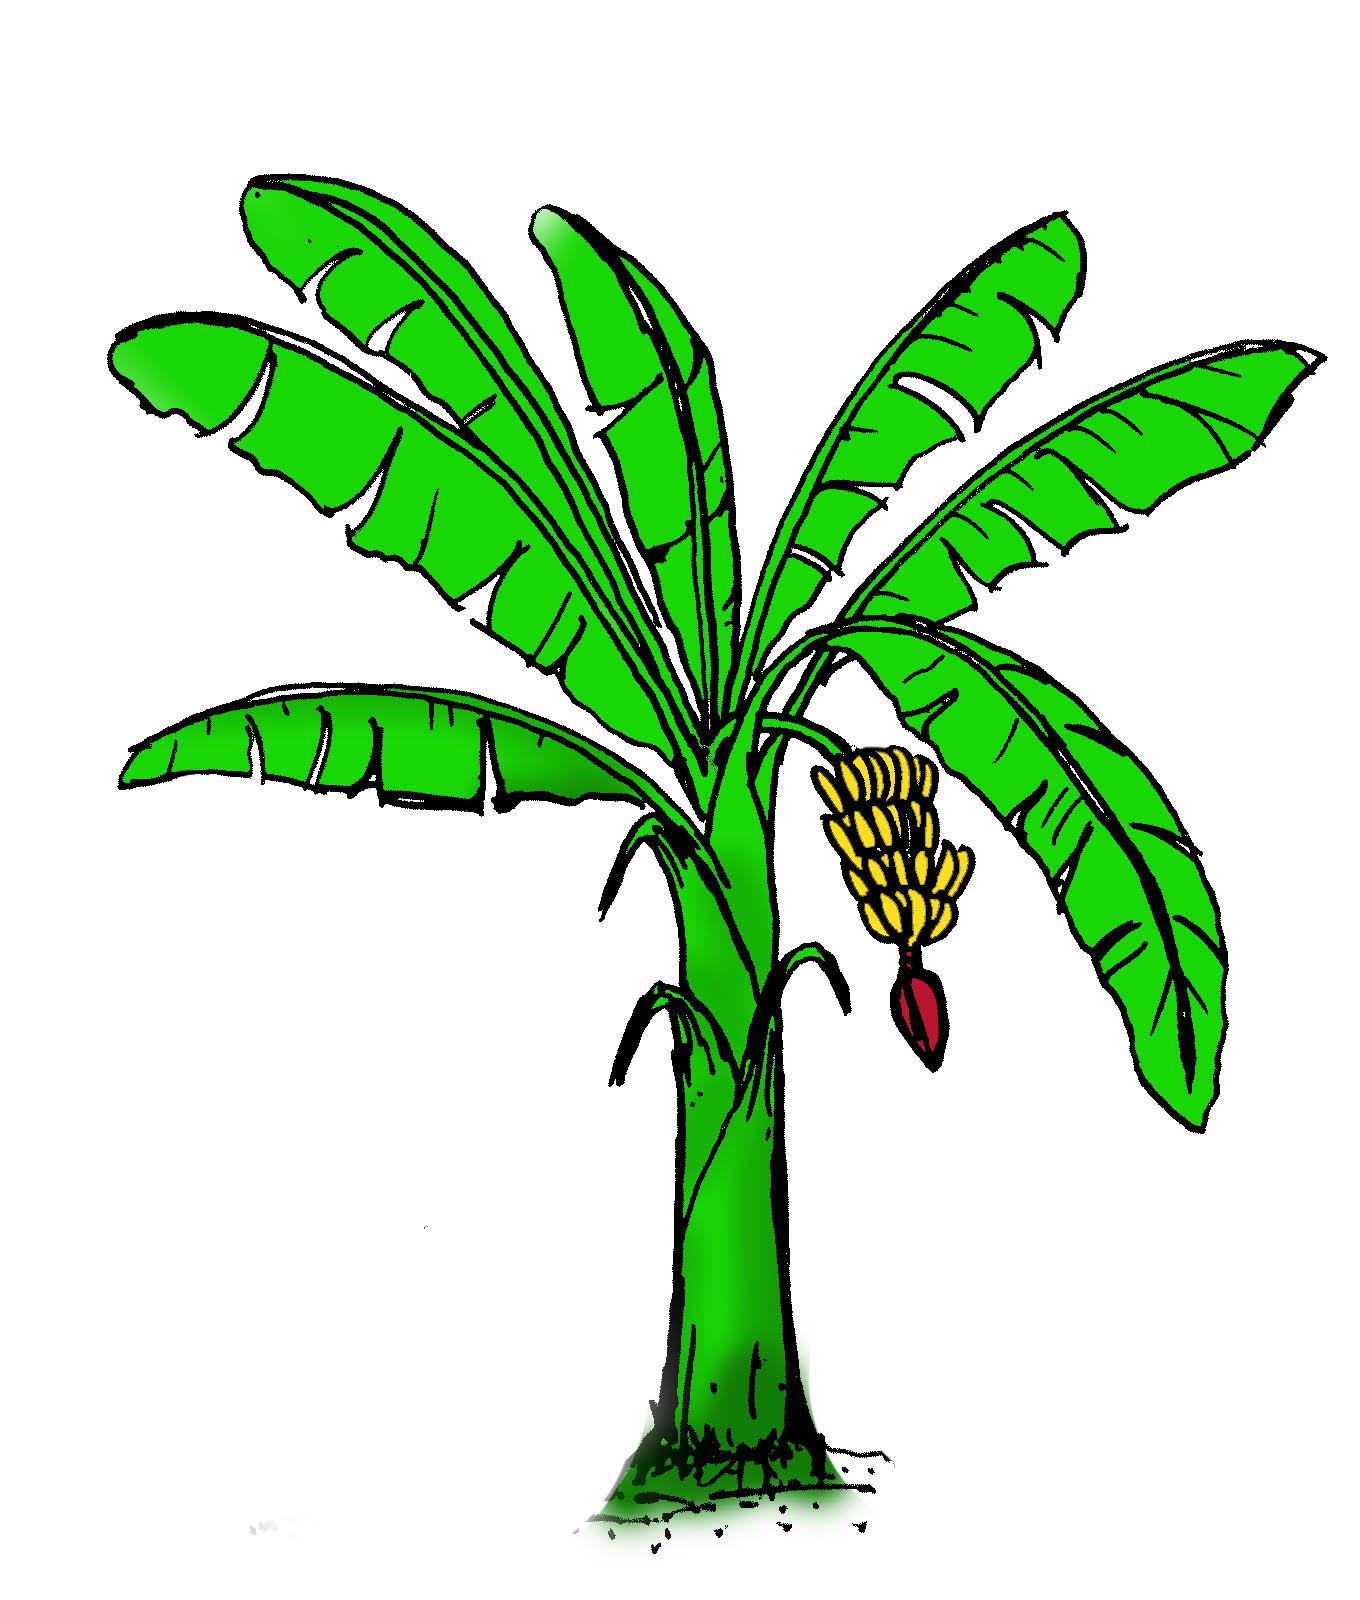 69 animasi png animasi gambar pohon cikimm com 69 animasi png animasi gambar pohon